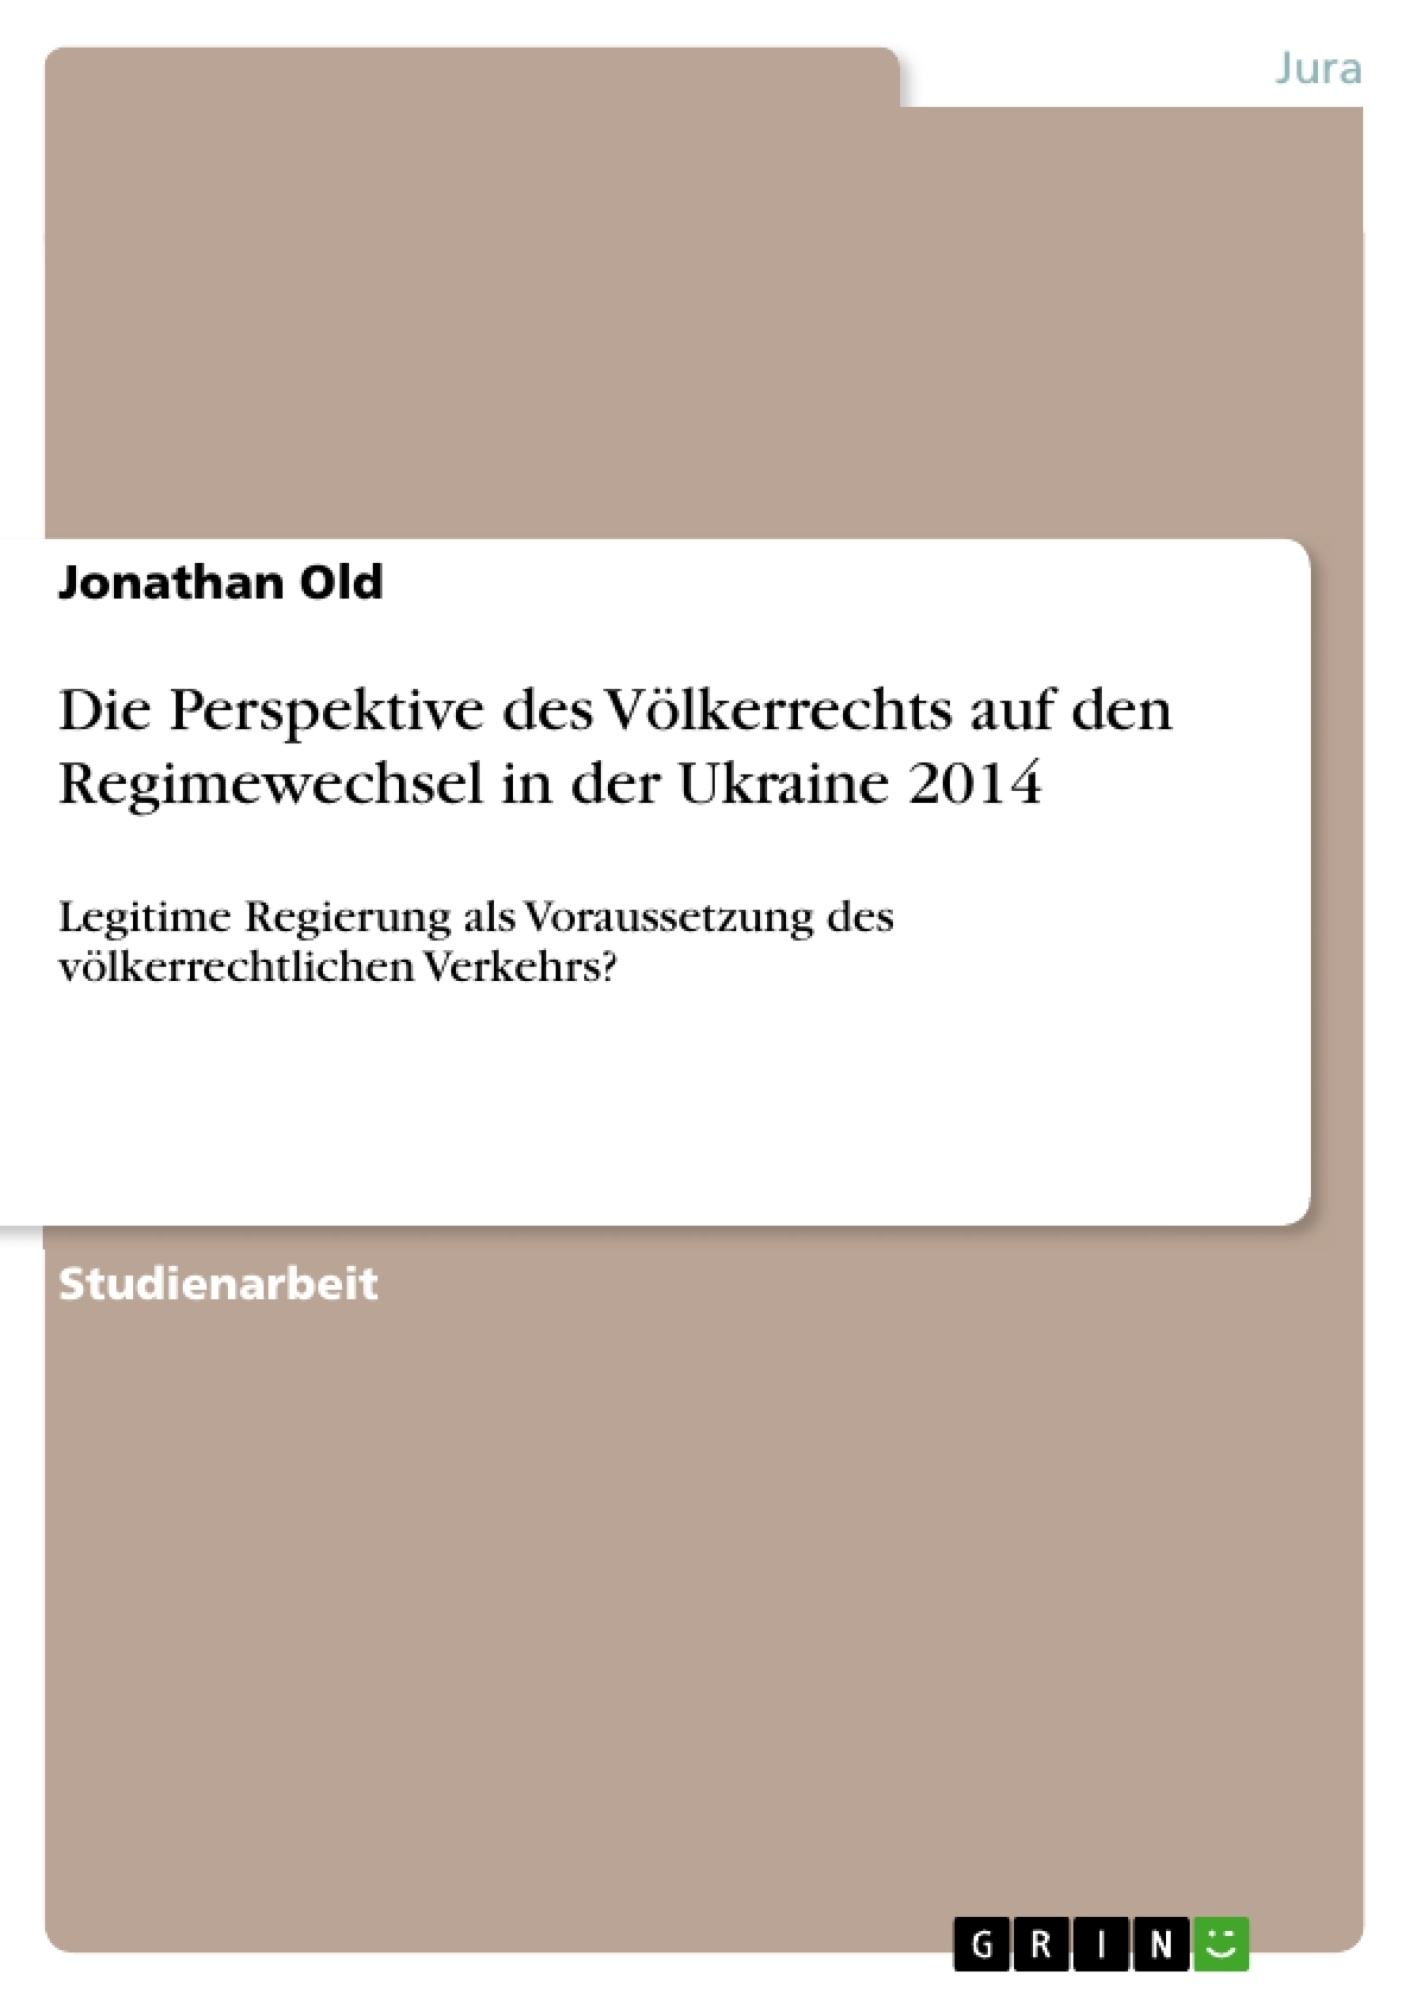 Titel: Die Perspektive des Völkerrechts auf den Regimewechsel in der Ukraine 2014